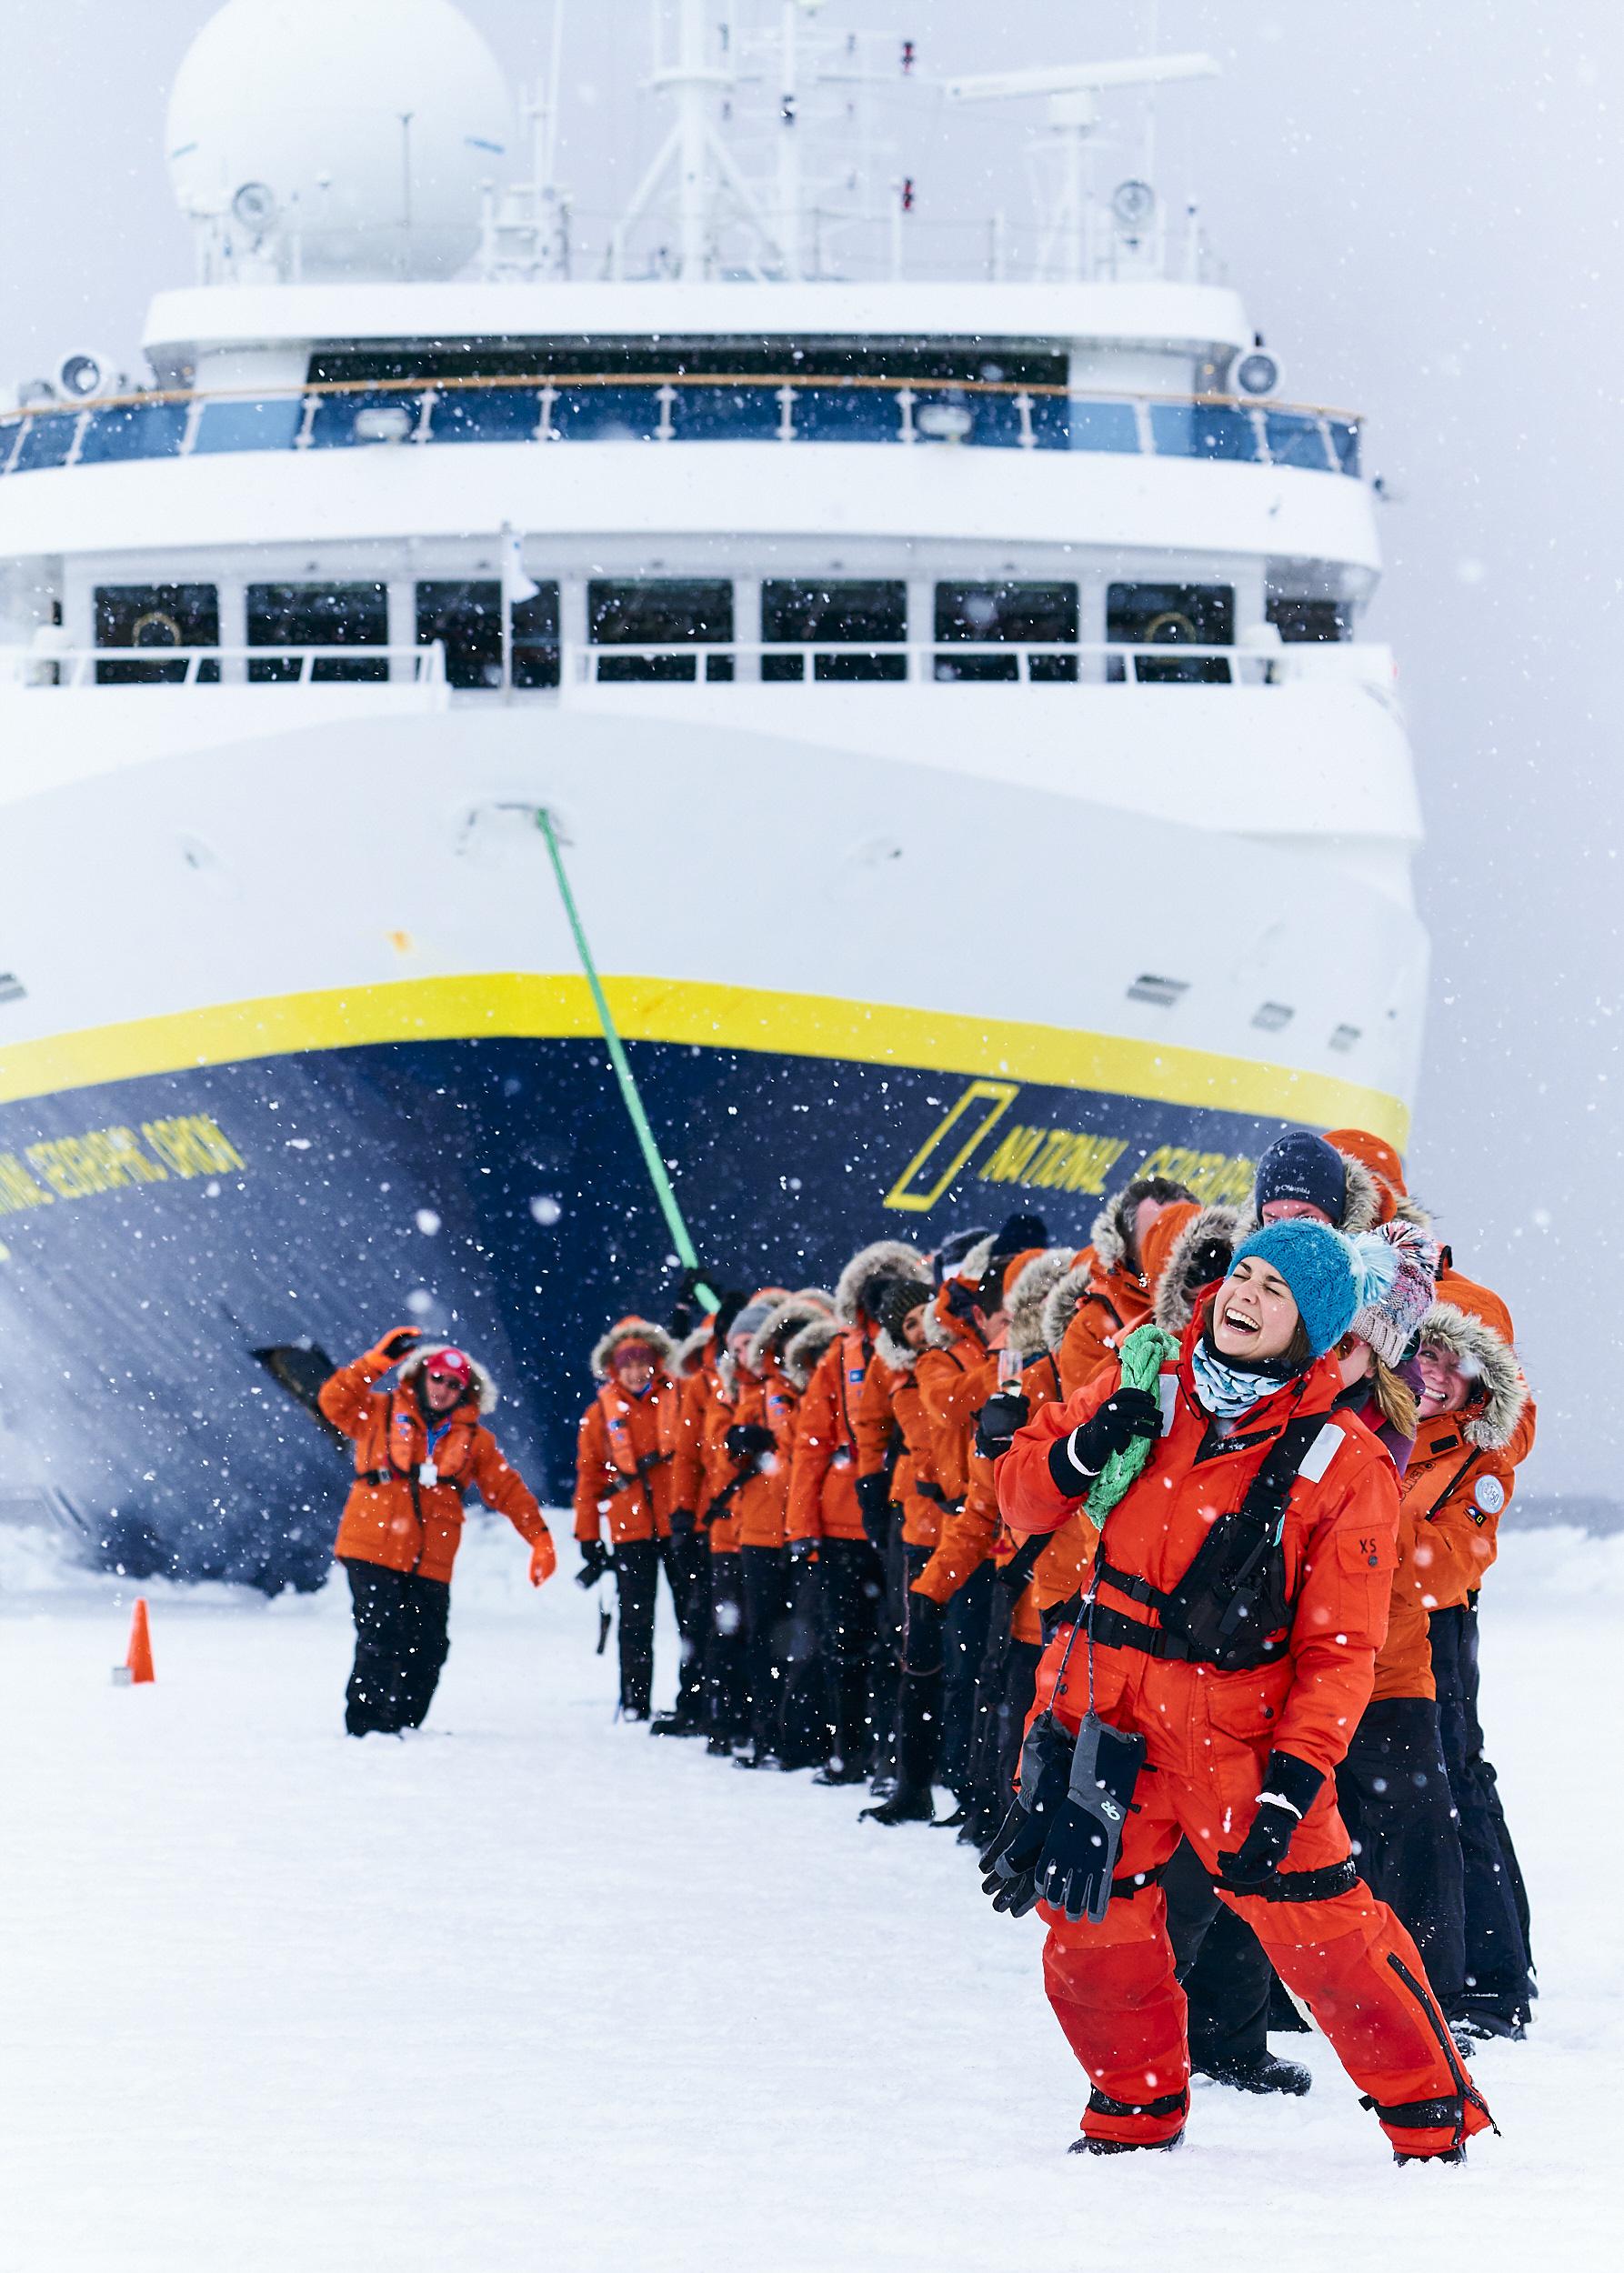 cotsen-antarctica-2018- 22.jpg